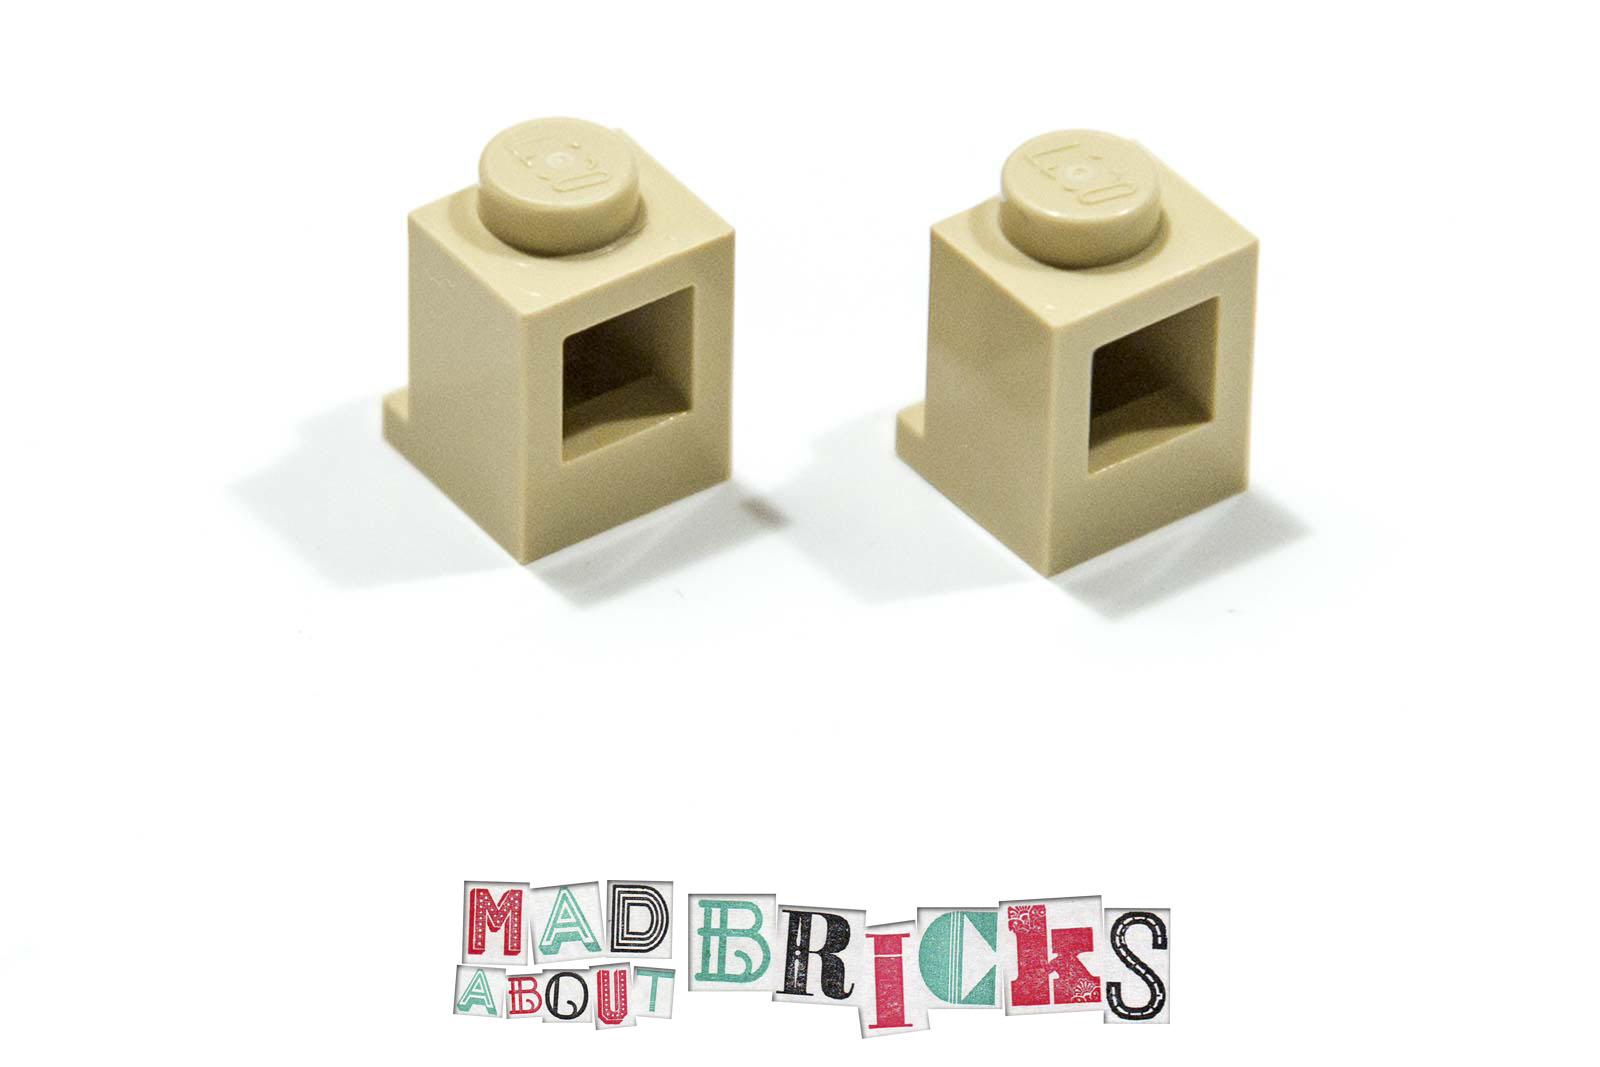 Pack of 2 New Lego 4070 1x1 Angular Brick 4118793